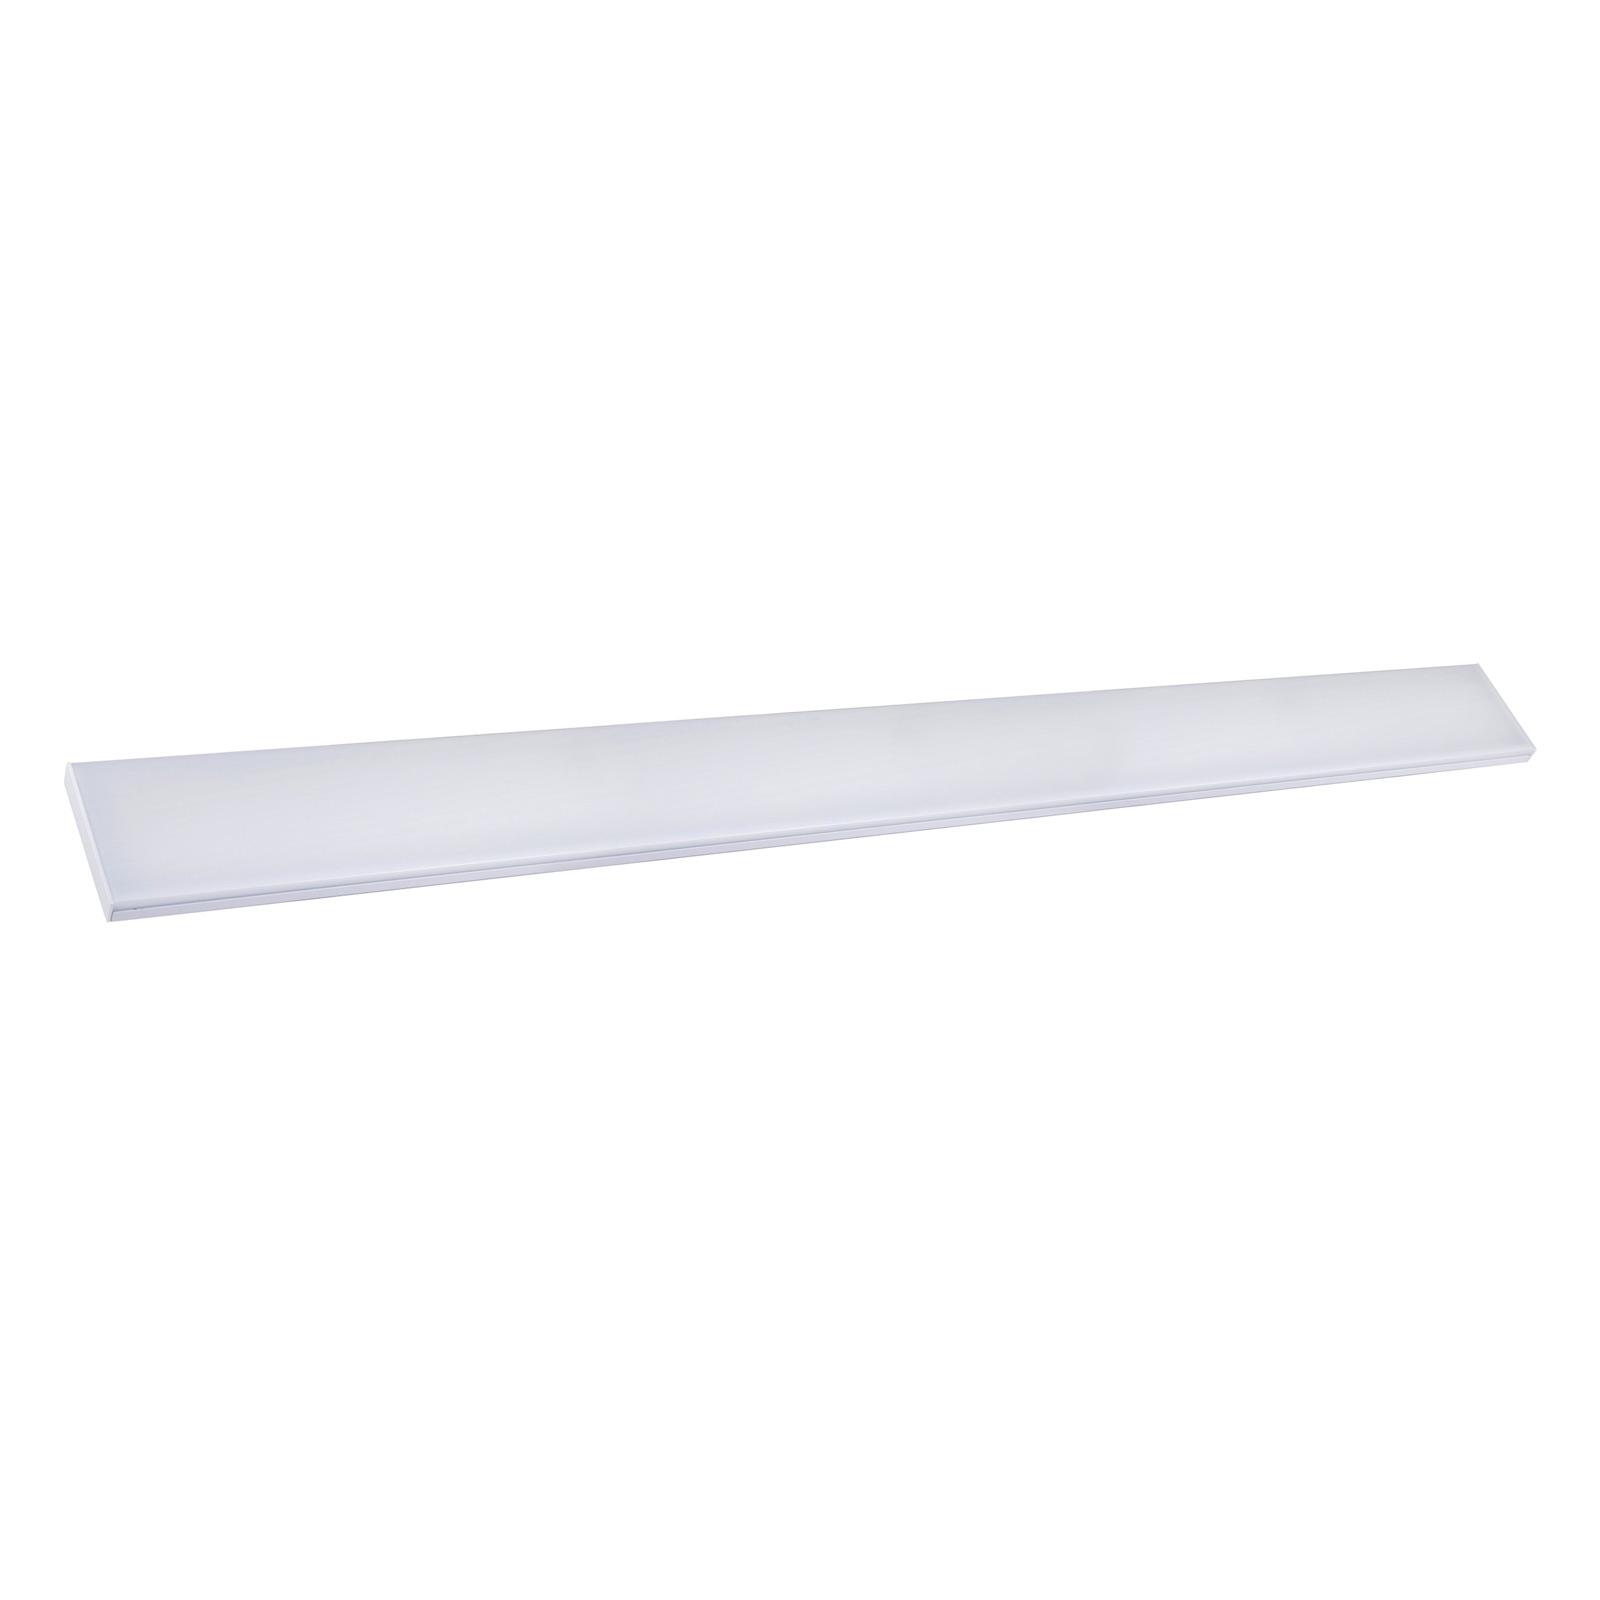 LED-Deckenleuchte Planus 120 universalweiß